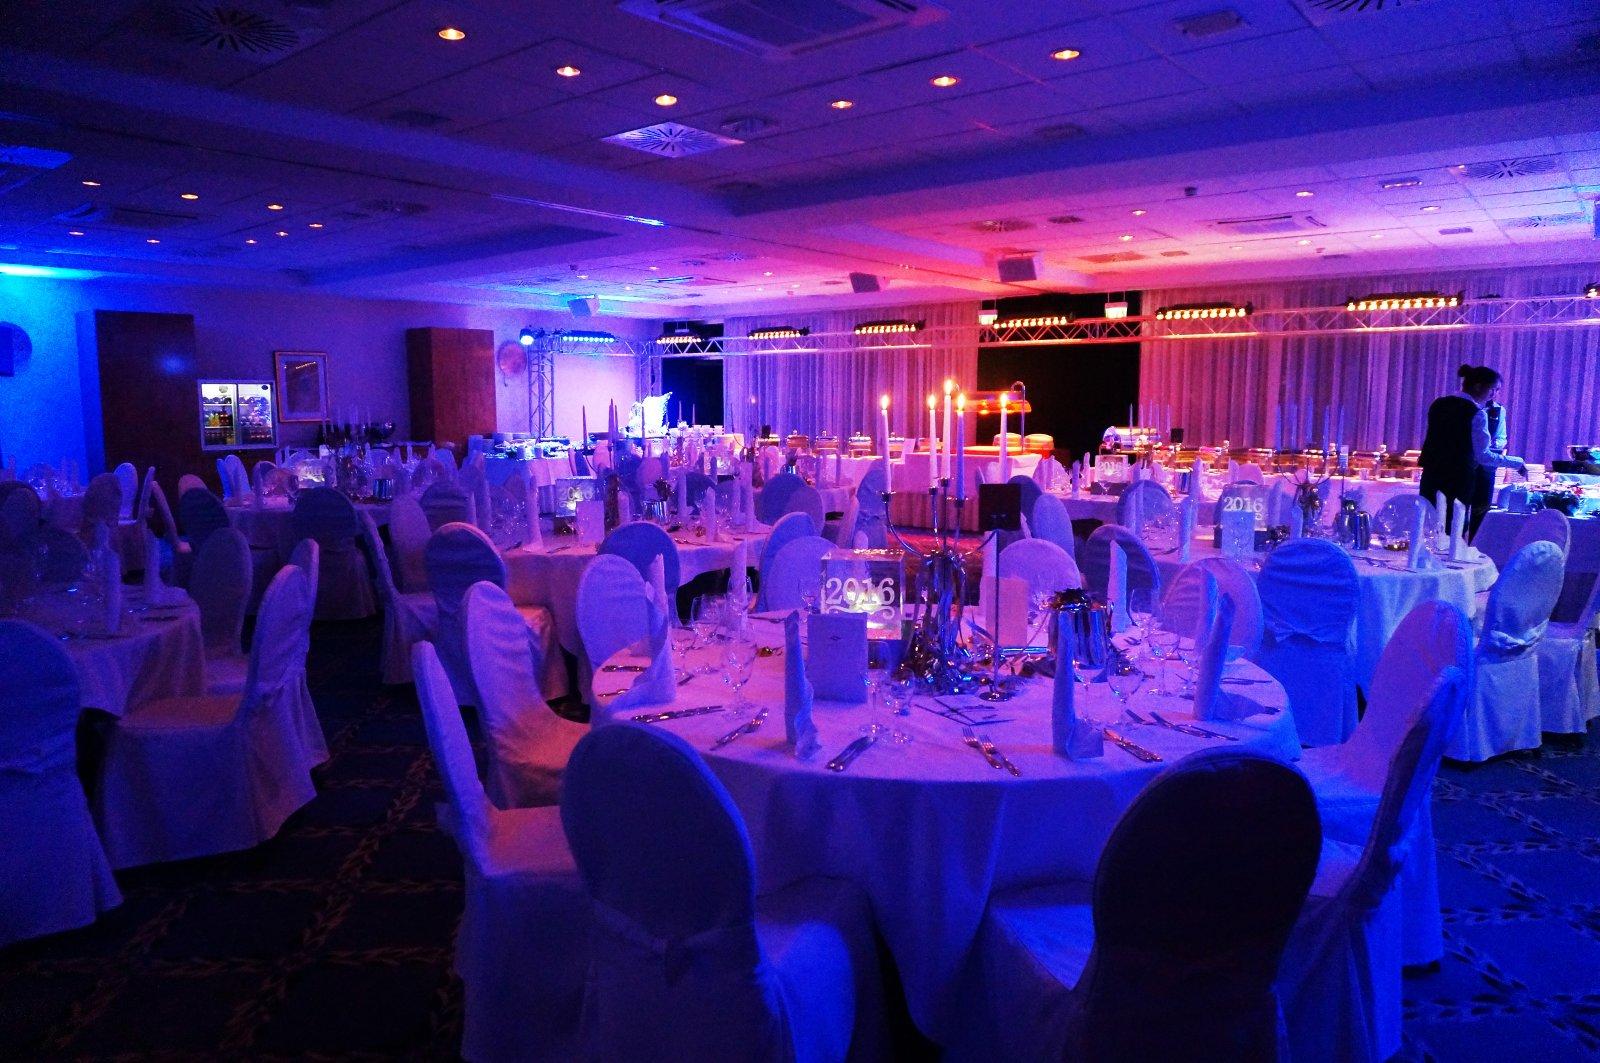 Im Festsaal des Hotel Vier Jahreszeiten Starnberg wird beim Silvesterball ins neue Jahr gefeiert. Bildnachweis: Hotel Vier Jahreszeiten Starnberg